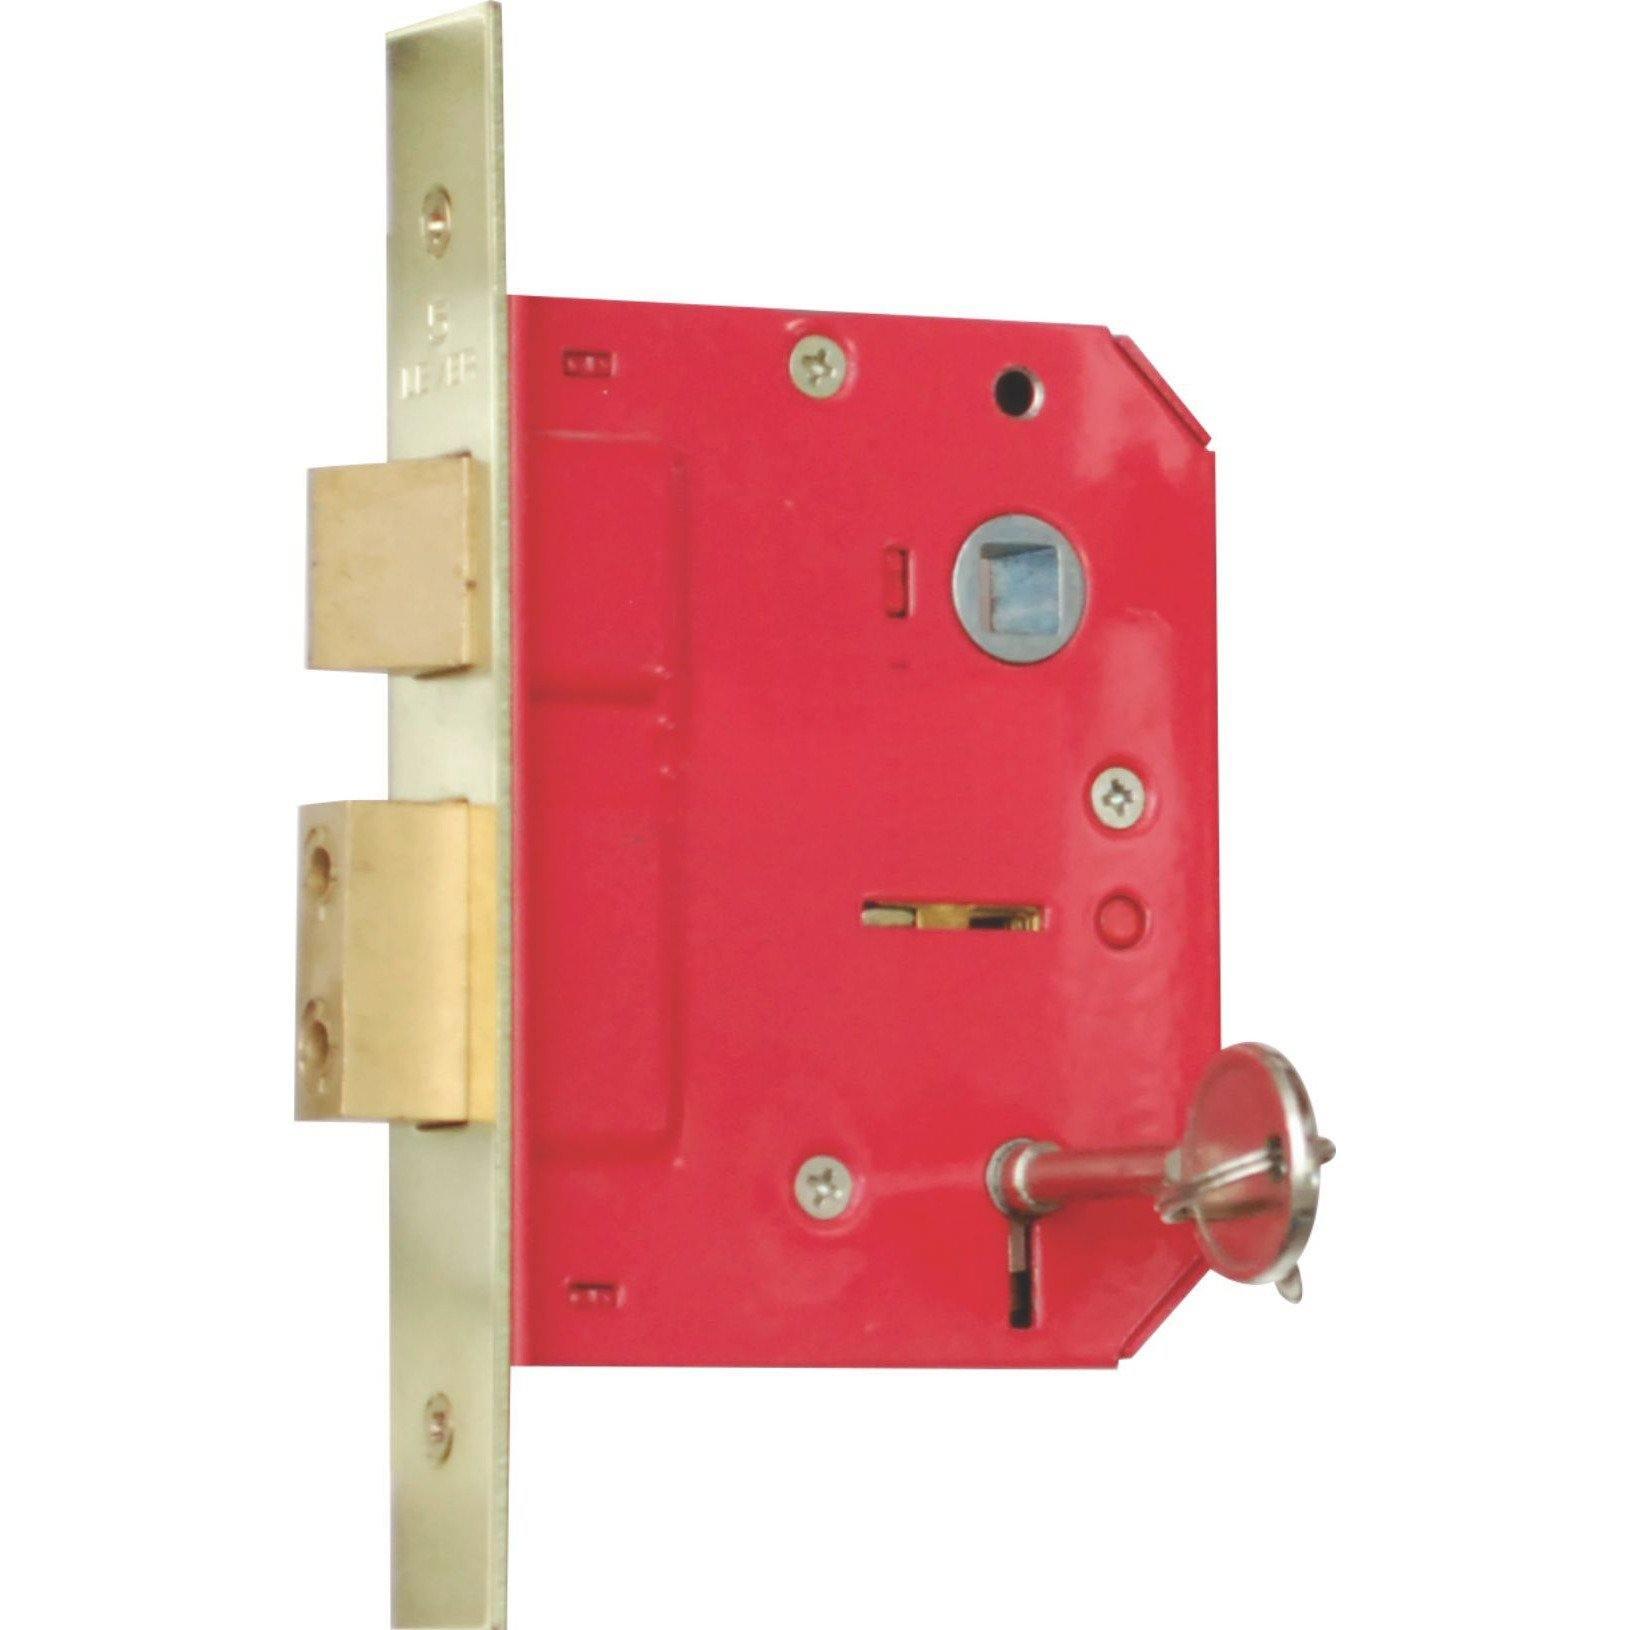 5 Lever Door Lock - High Security - Mortise Lock